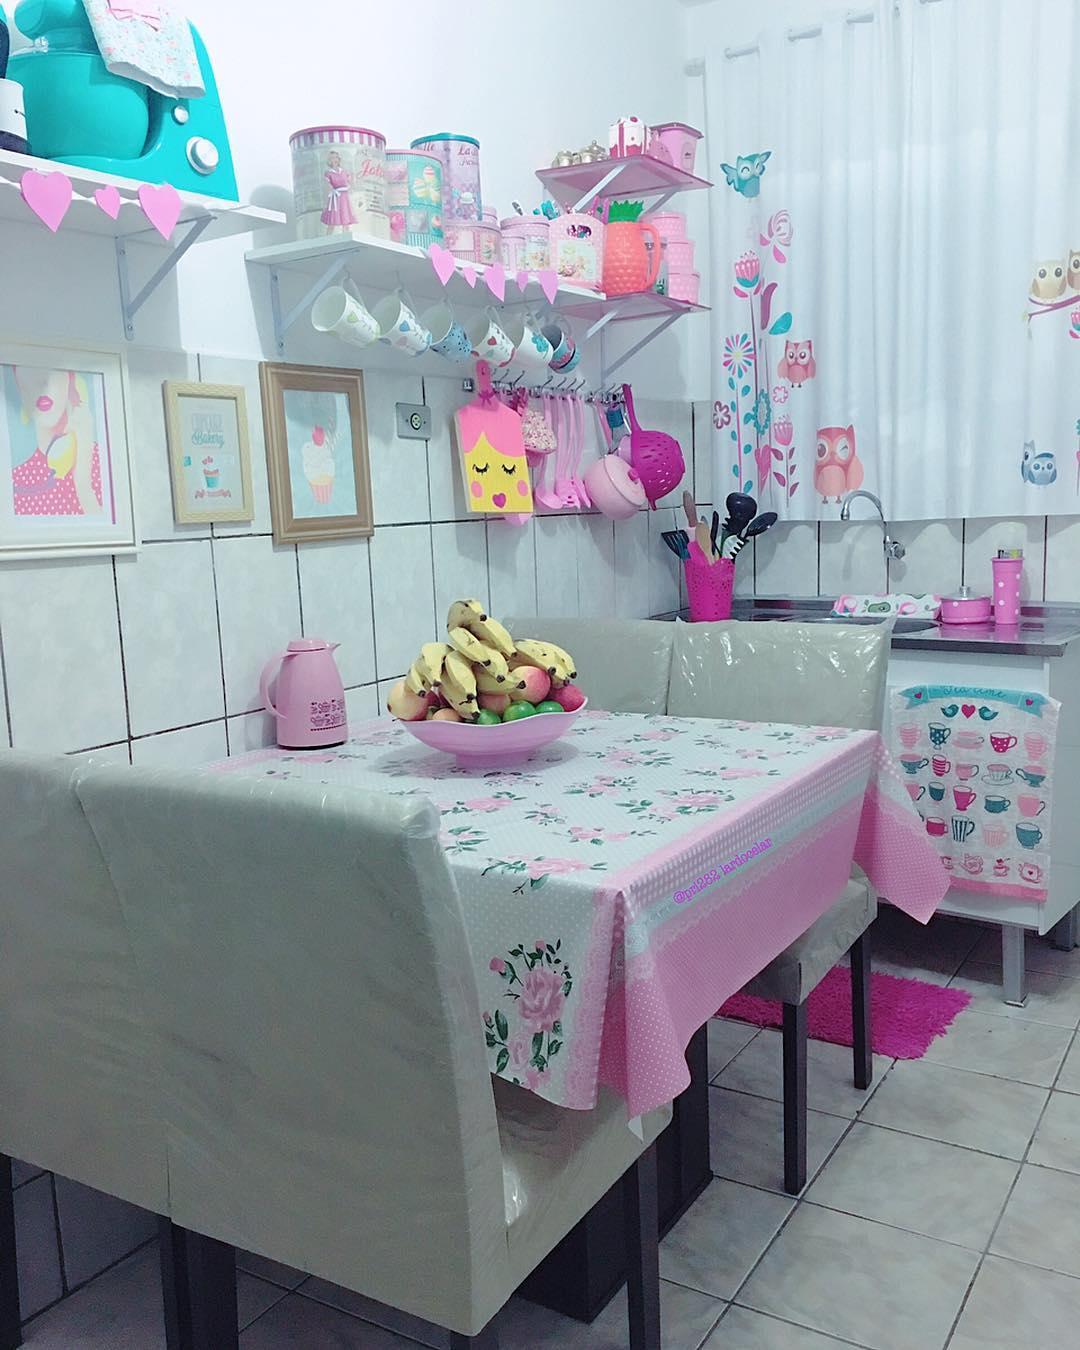 69 Desain Rumah Minimalis Shabby Chic Desain Rumah Minimalis Terbaru